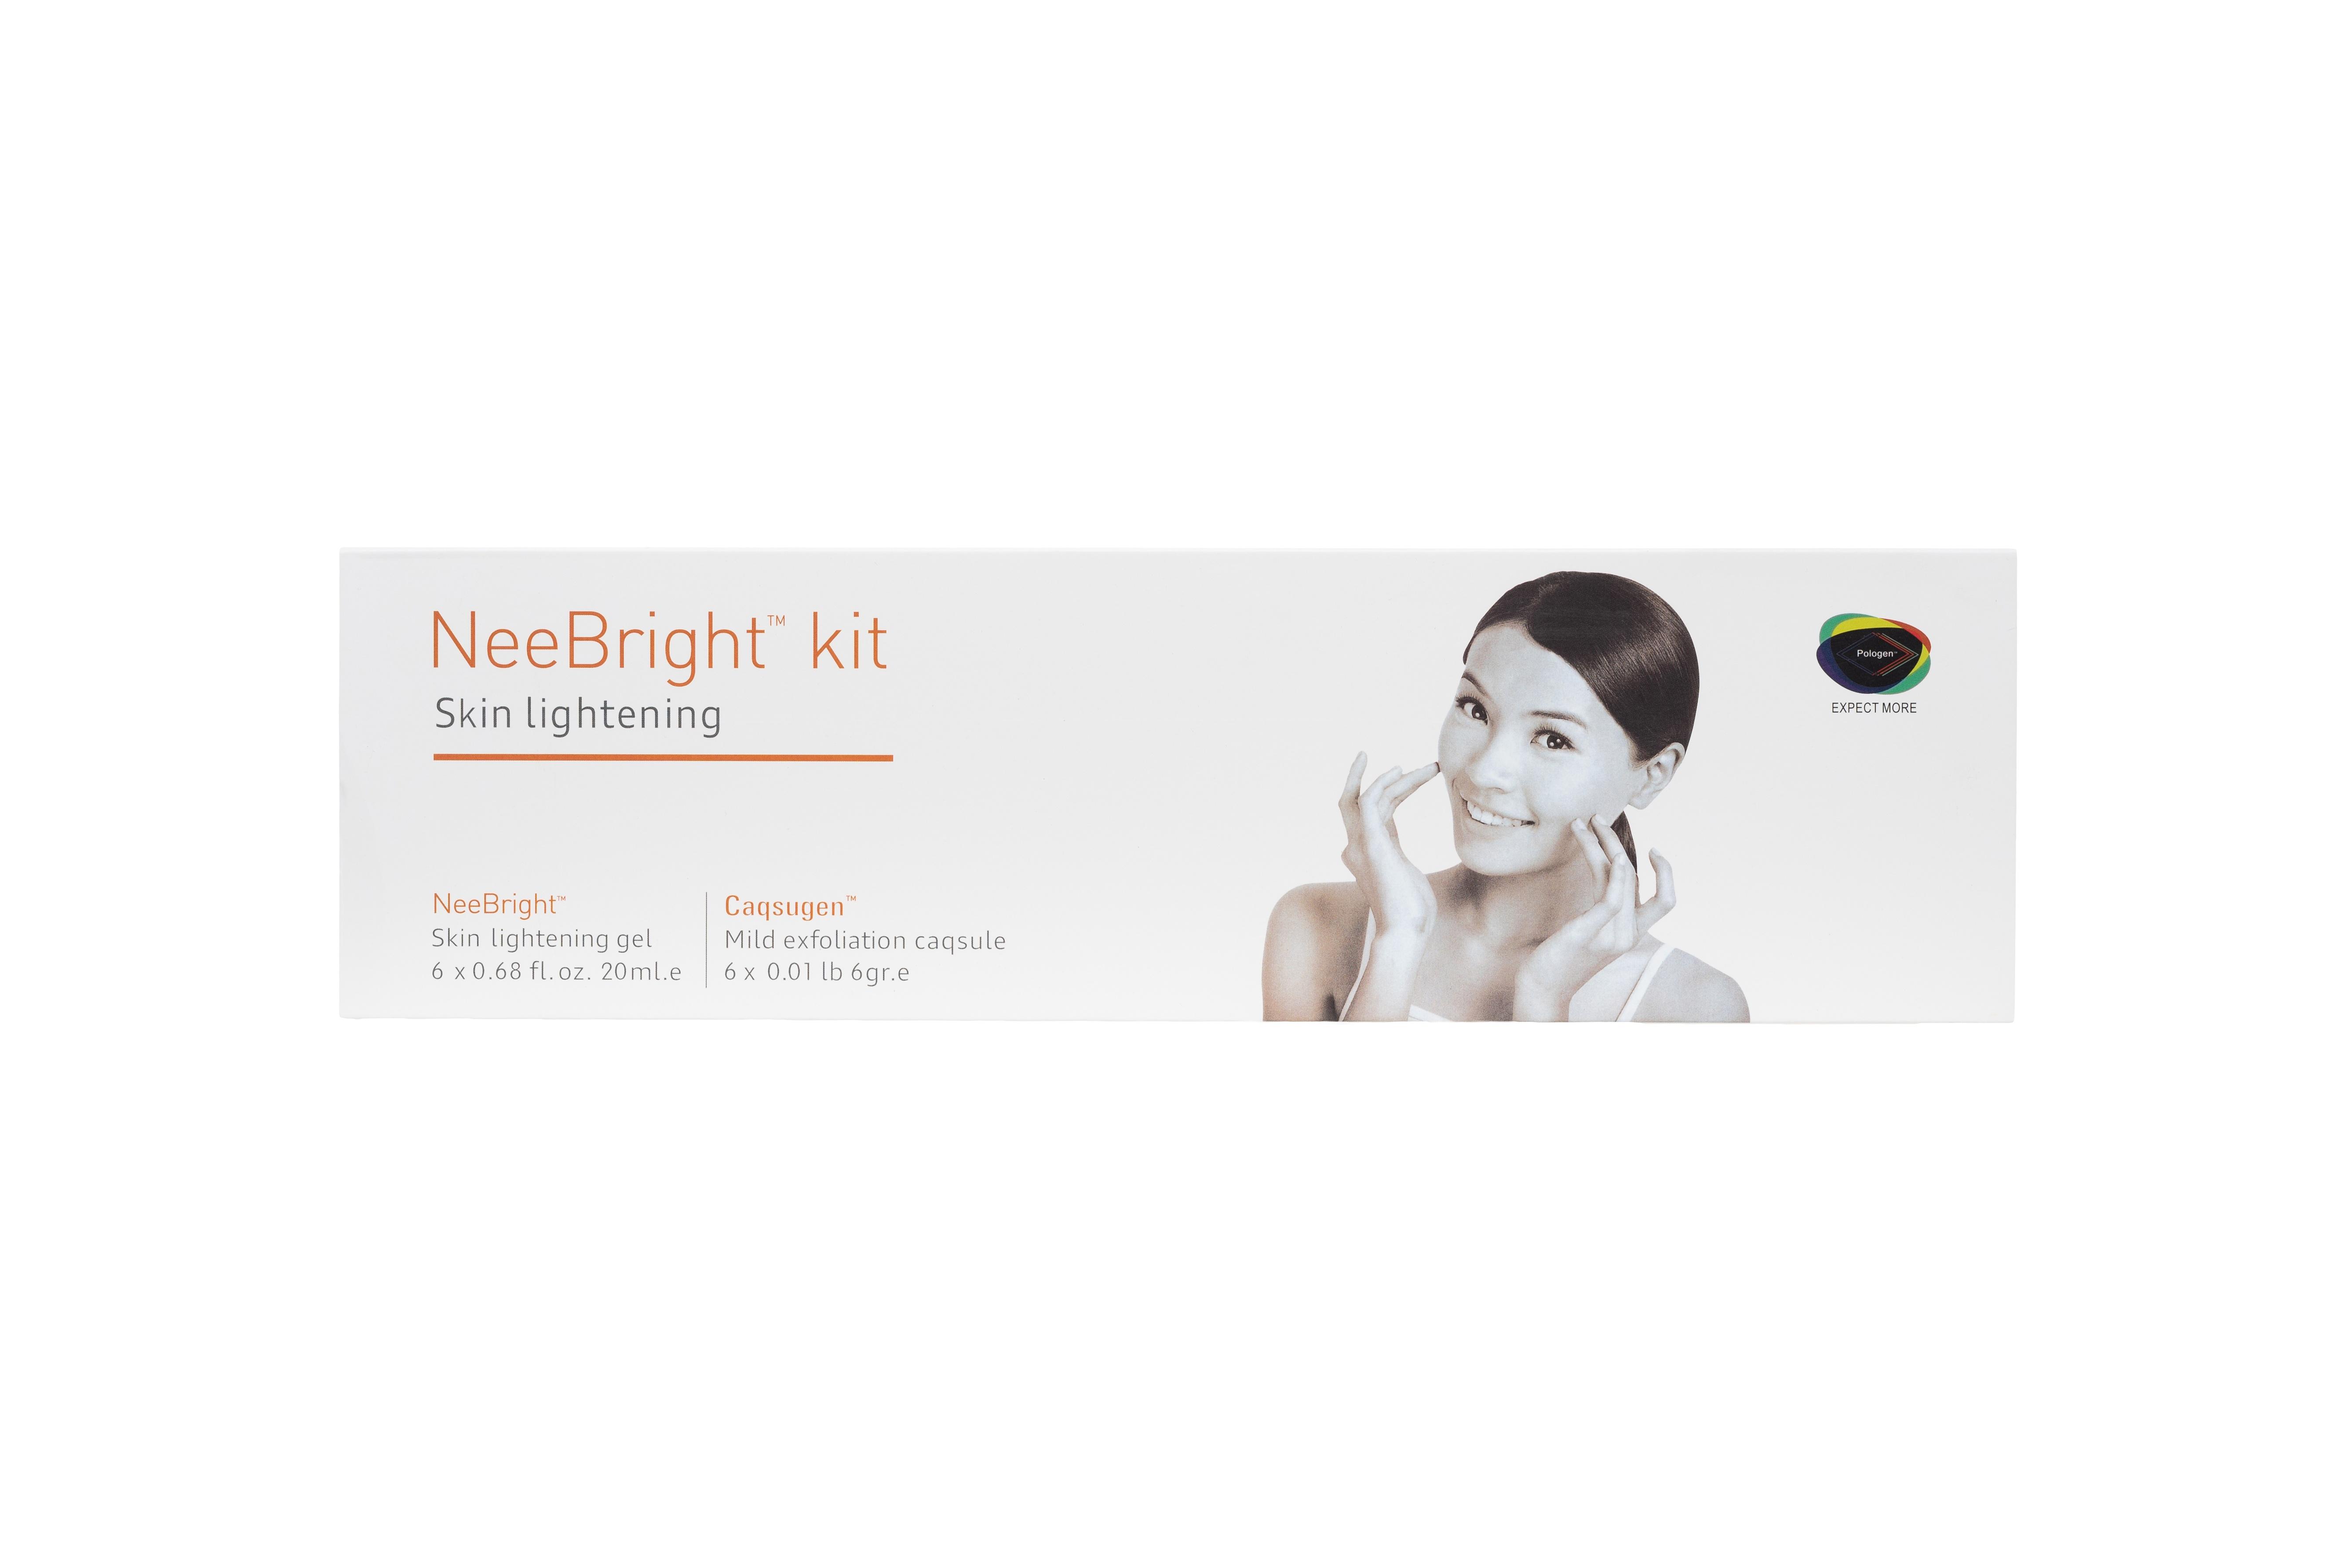 NeeBright